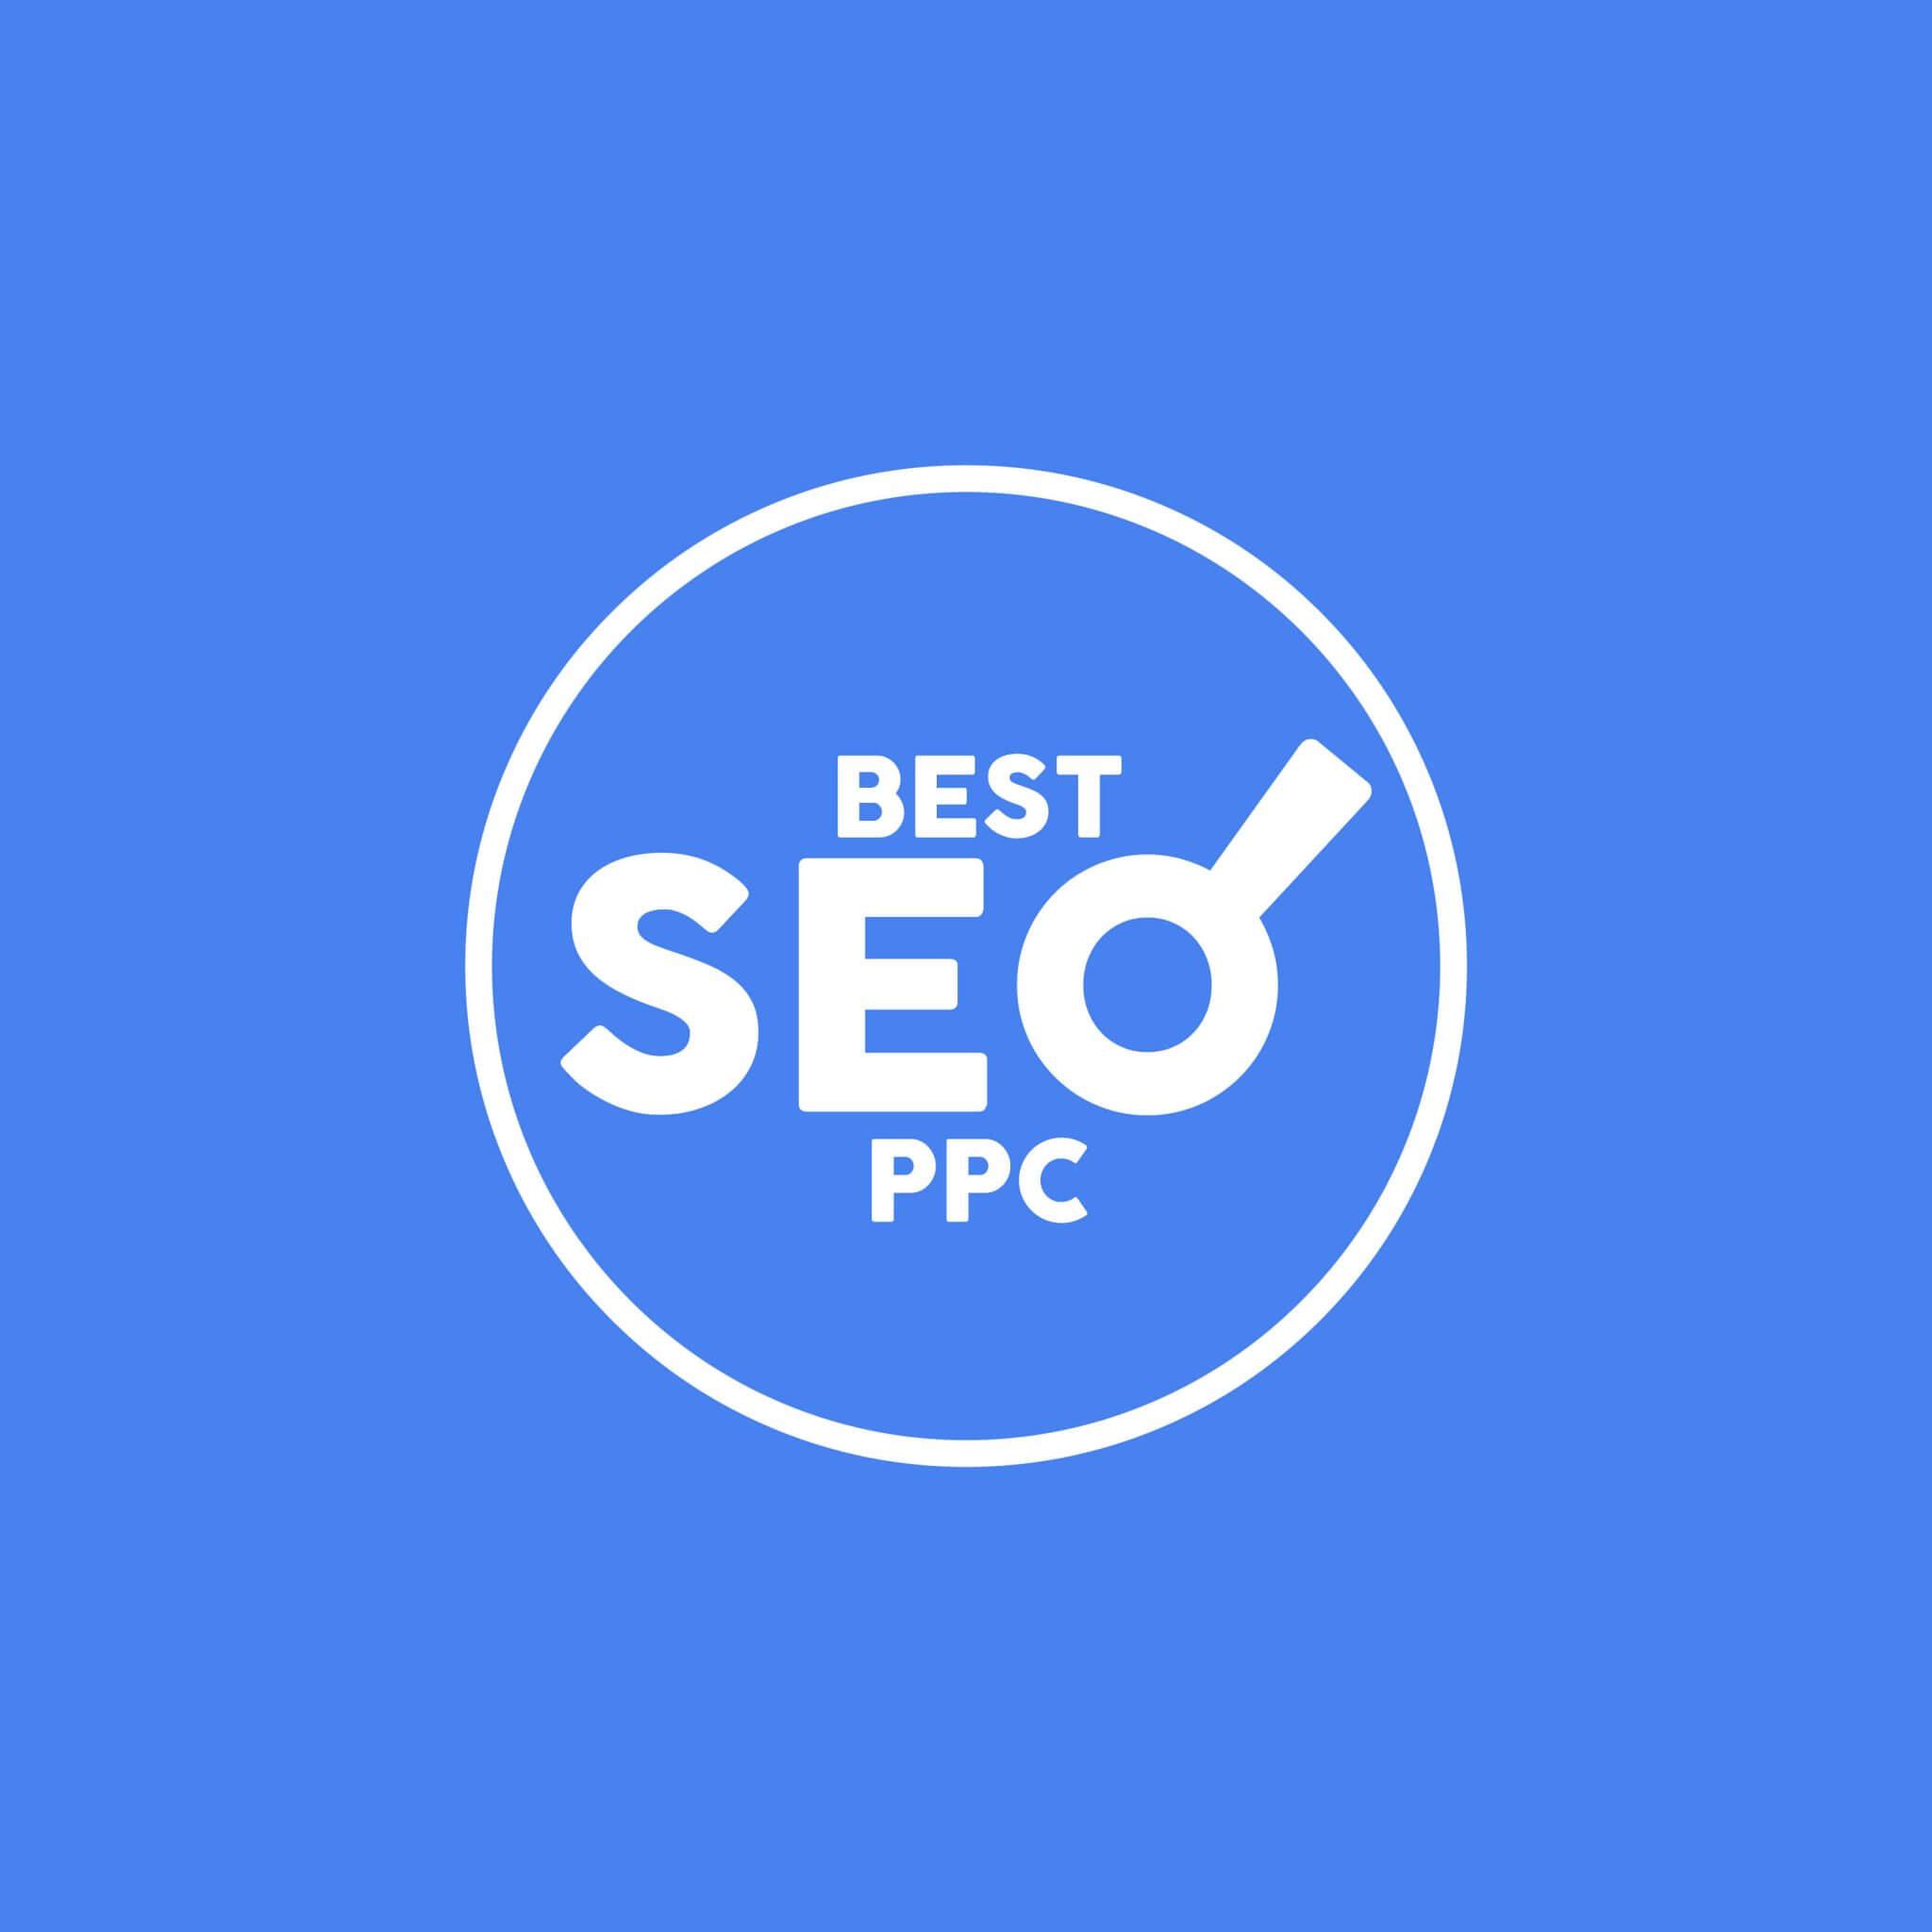 best seo ppc agency